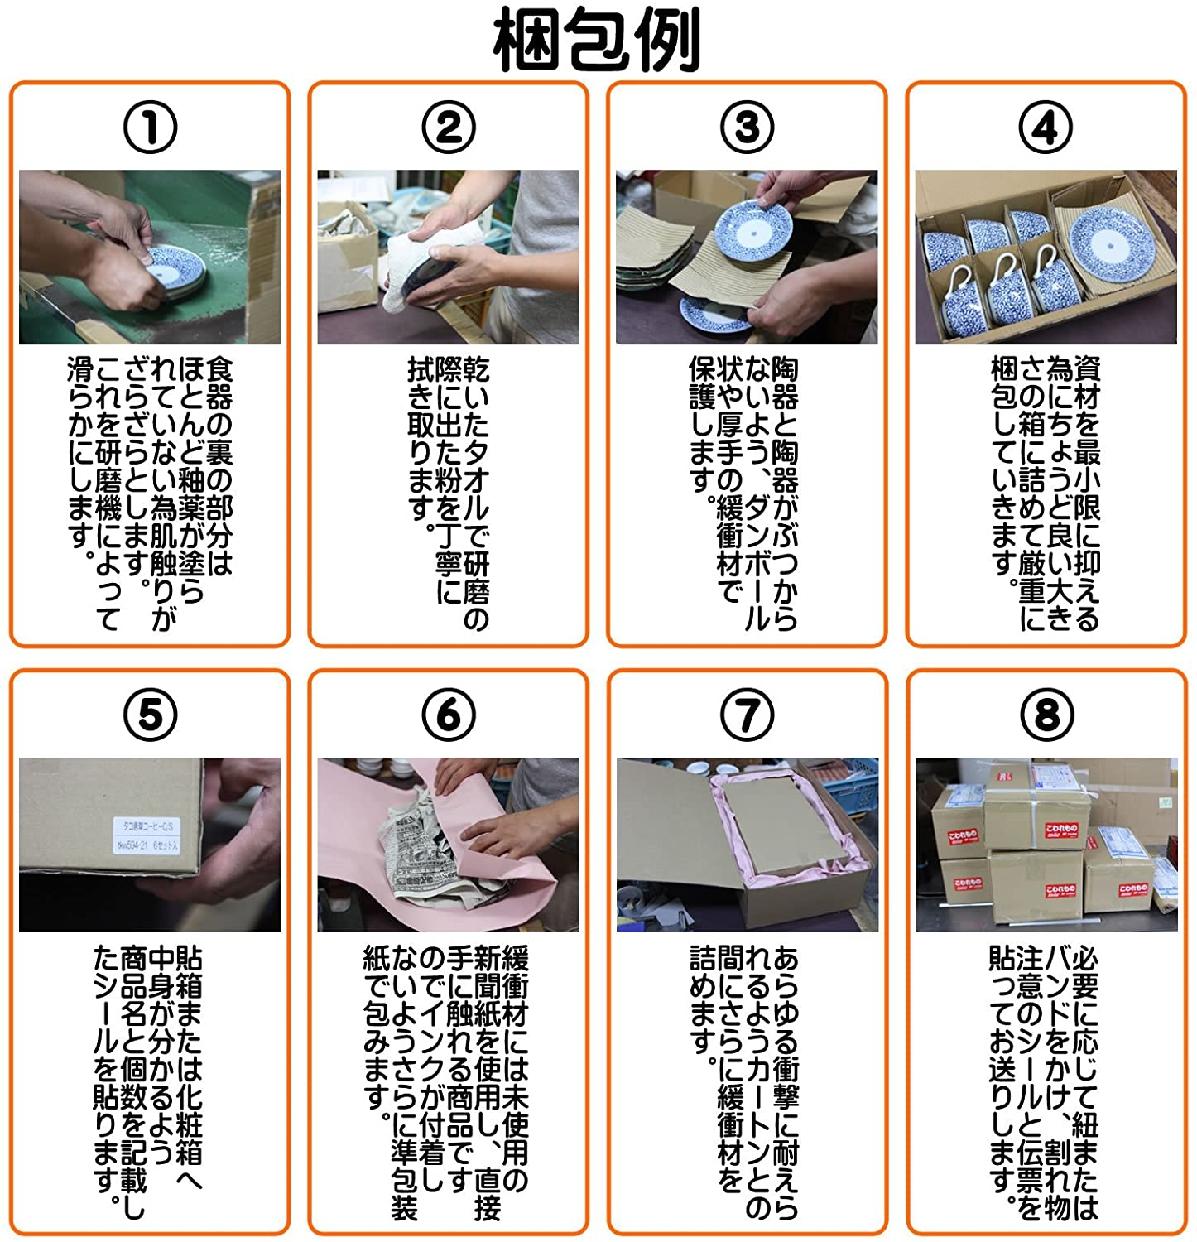 せともの本舗(セトモノホンポ)早瀬 呑水の商品画像4